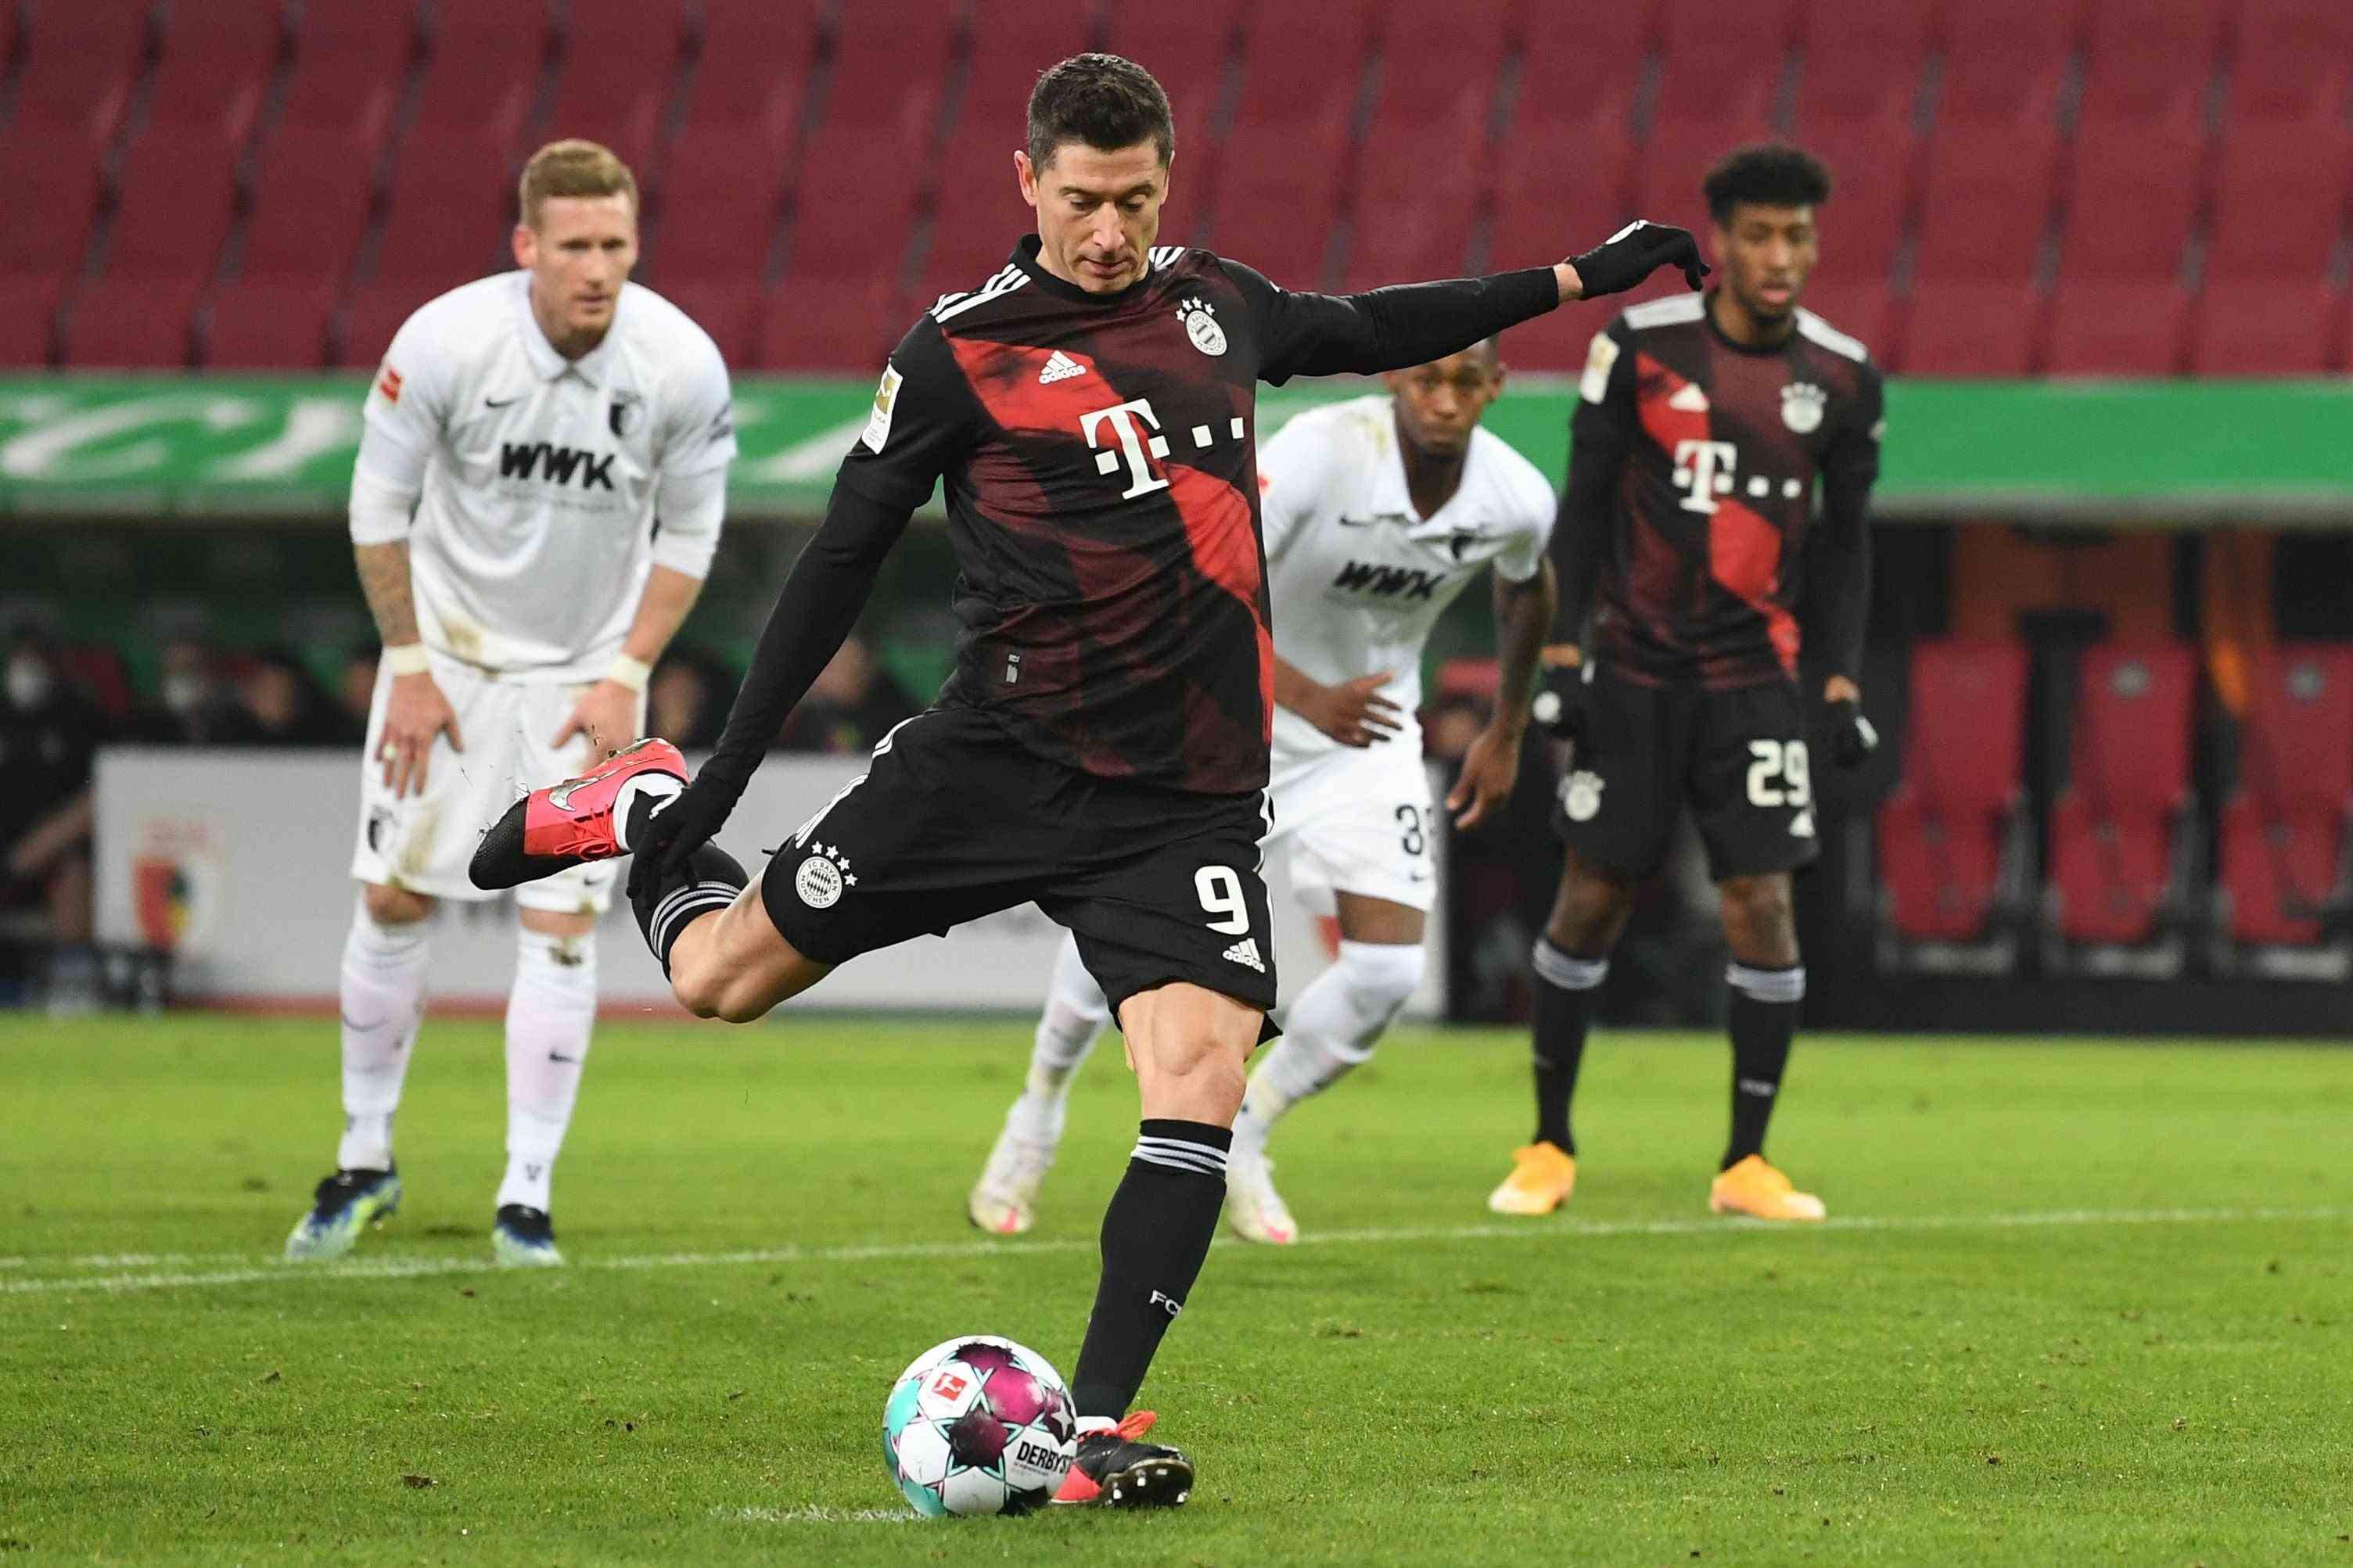 德甲 德甲半程结束 拜仁、莱比锡分列积分榜前两位